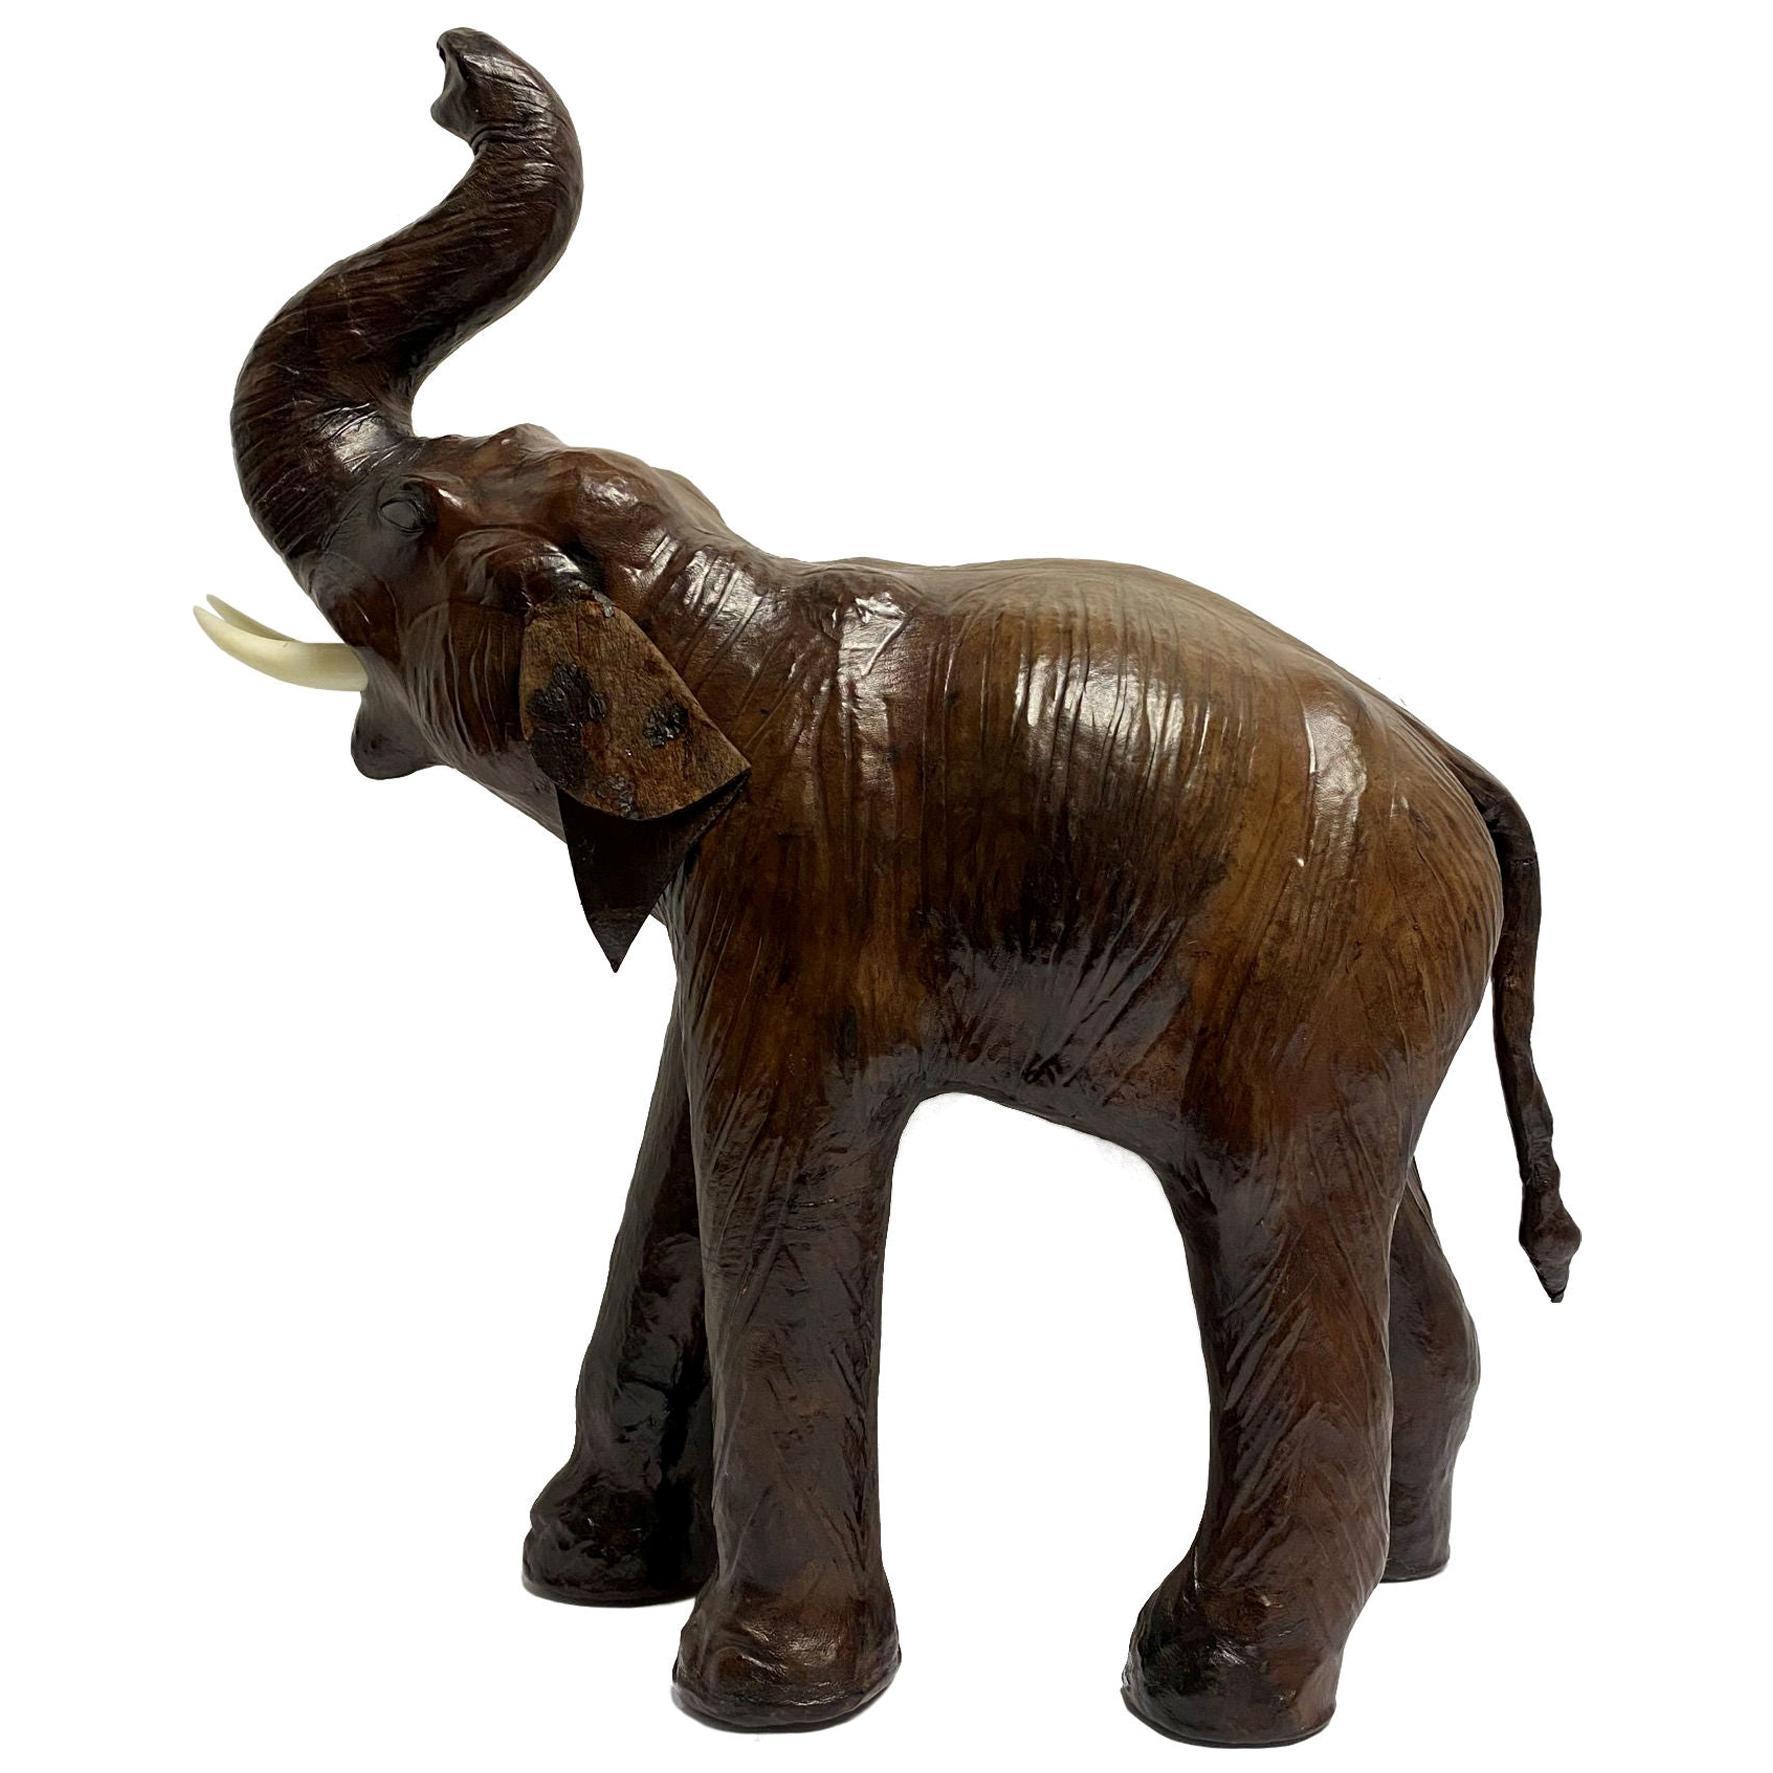 Vintage Leather Elephant Figure